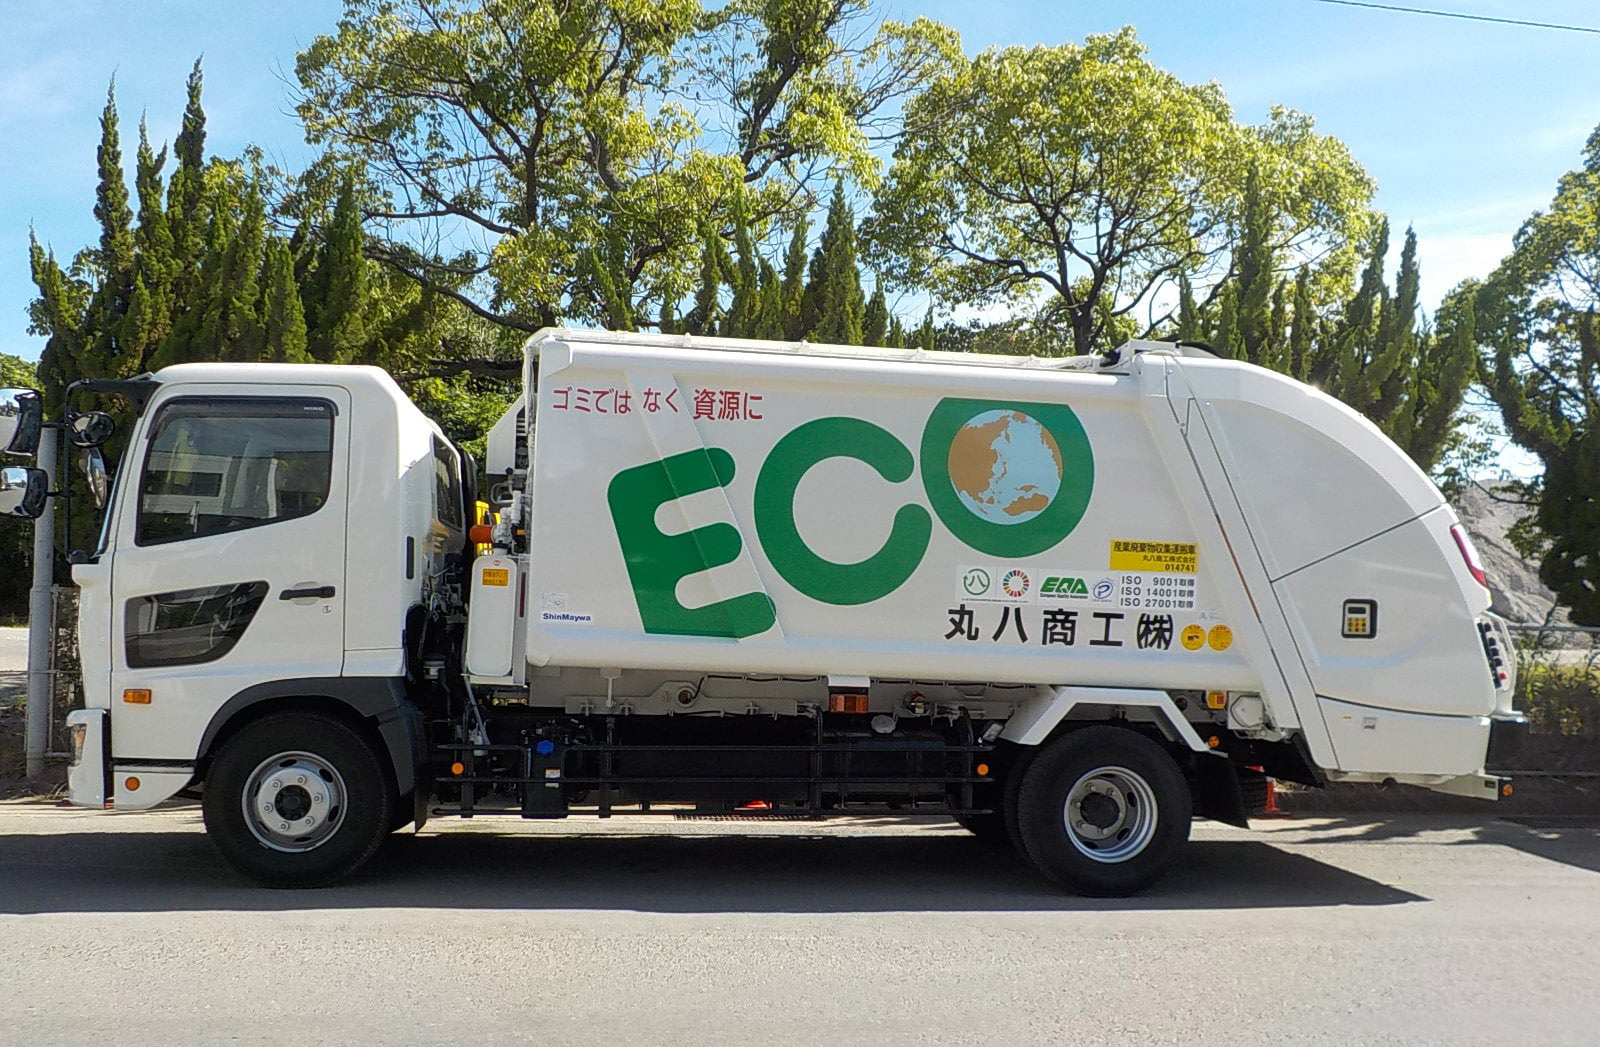 【丸八商工】香川県他の機密文書裁断処理・古紙回収等対応しますに関する画像